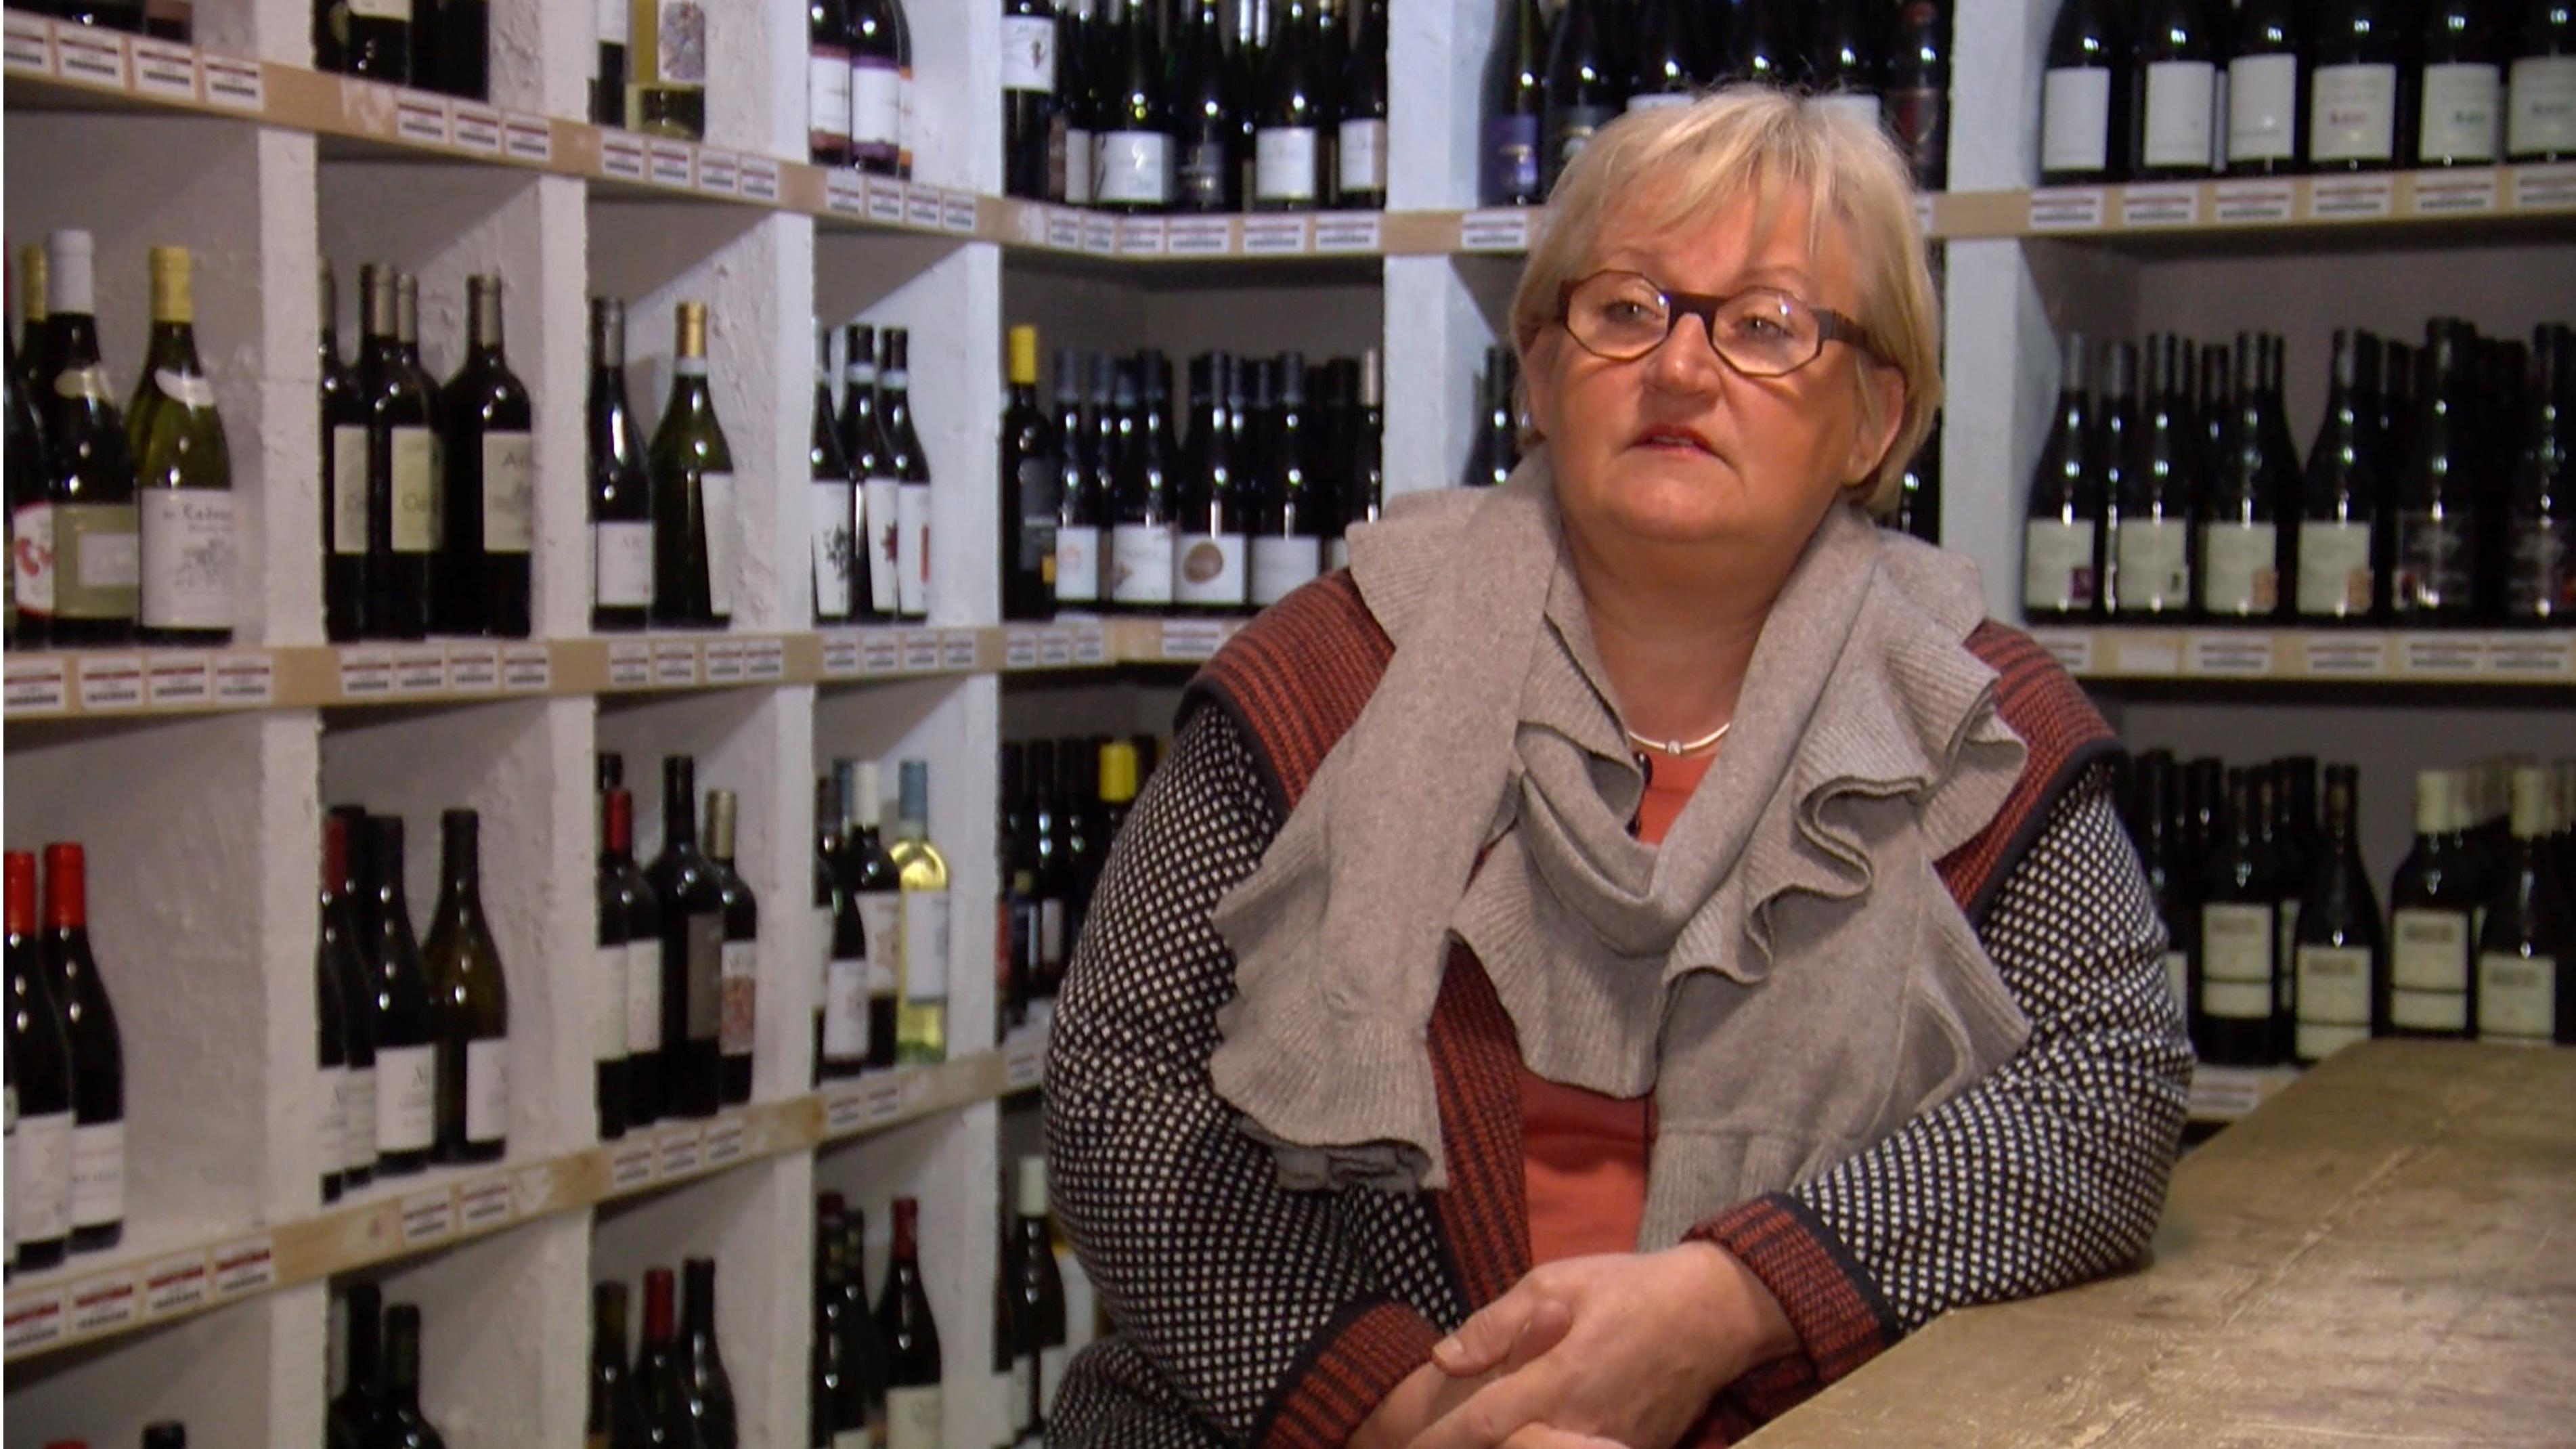 Une femme, des vins, des hommes, un partage : portrait de Pascale Guillier